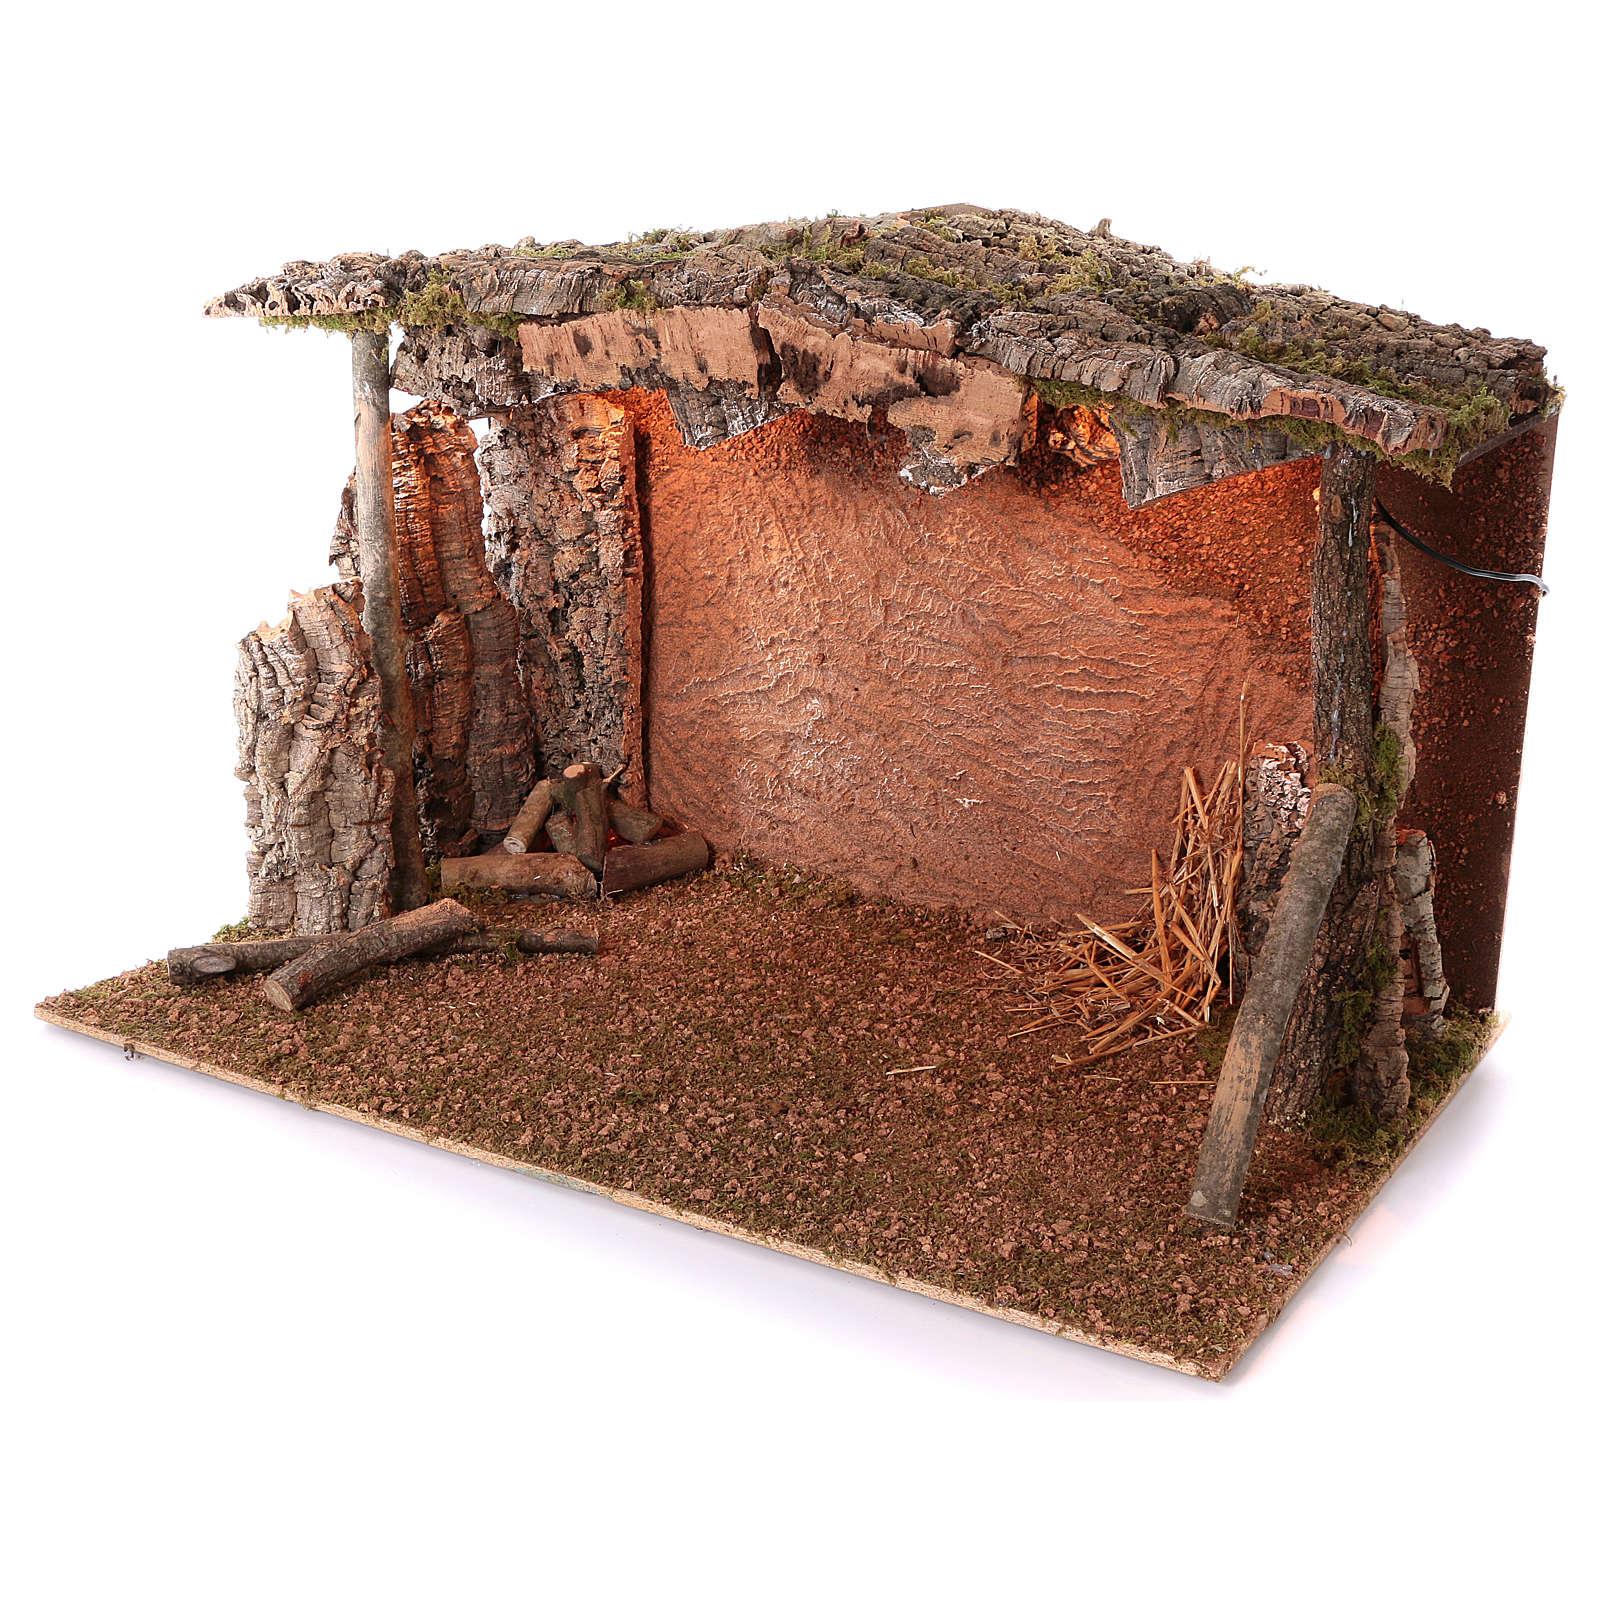 Cabaña techo corcho luz efecto llama 75x115x70 cm para belenes de 45 cm 4